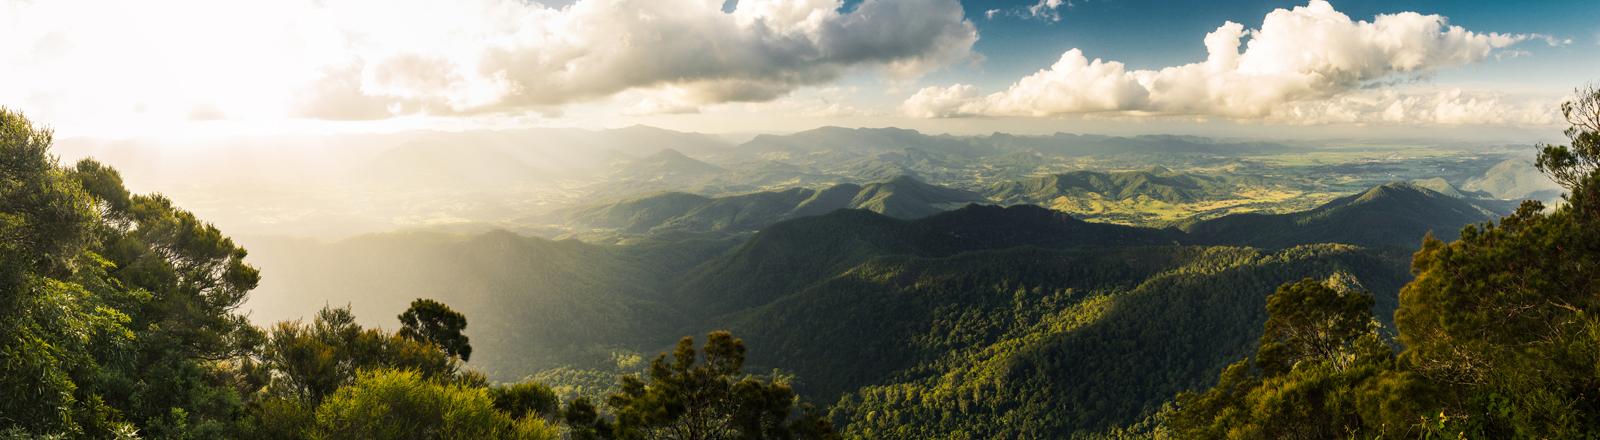 Gondwana Regenwald.